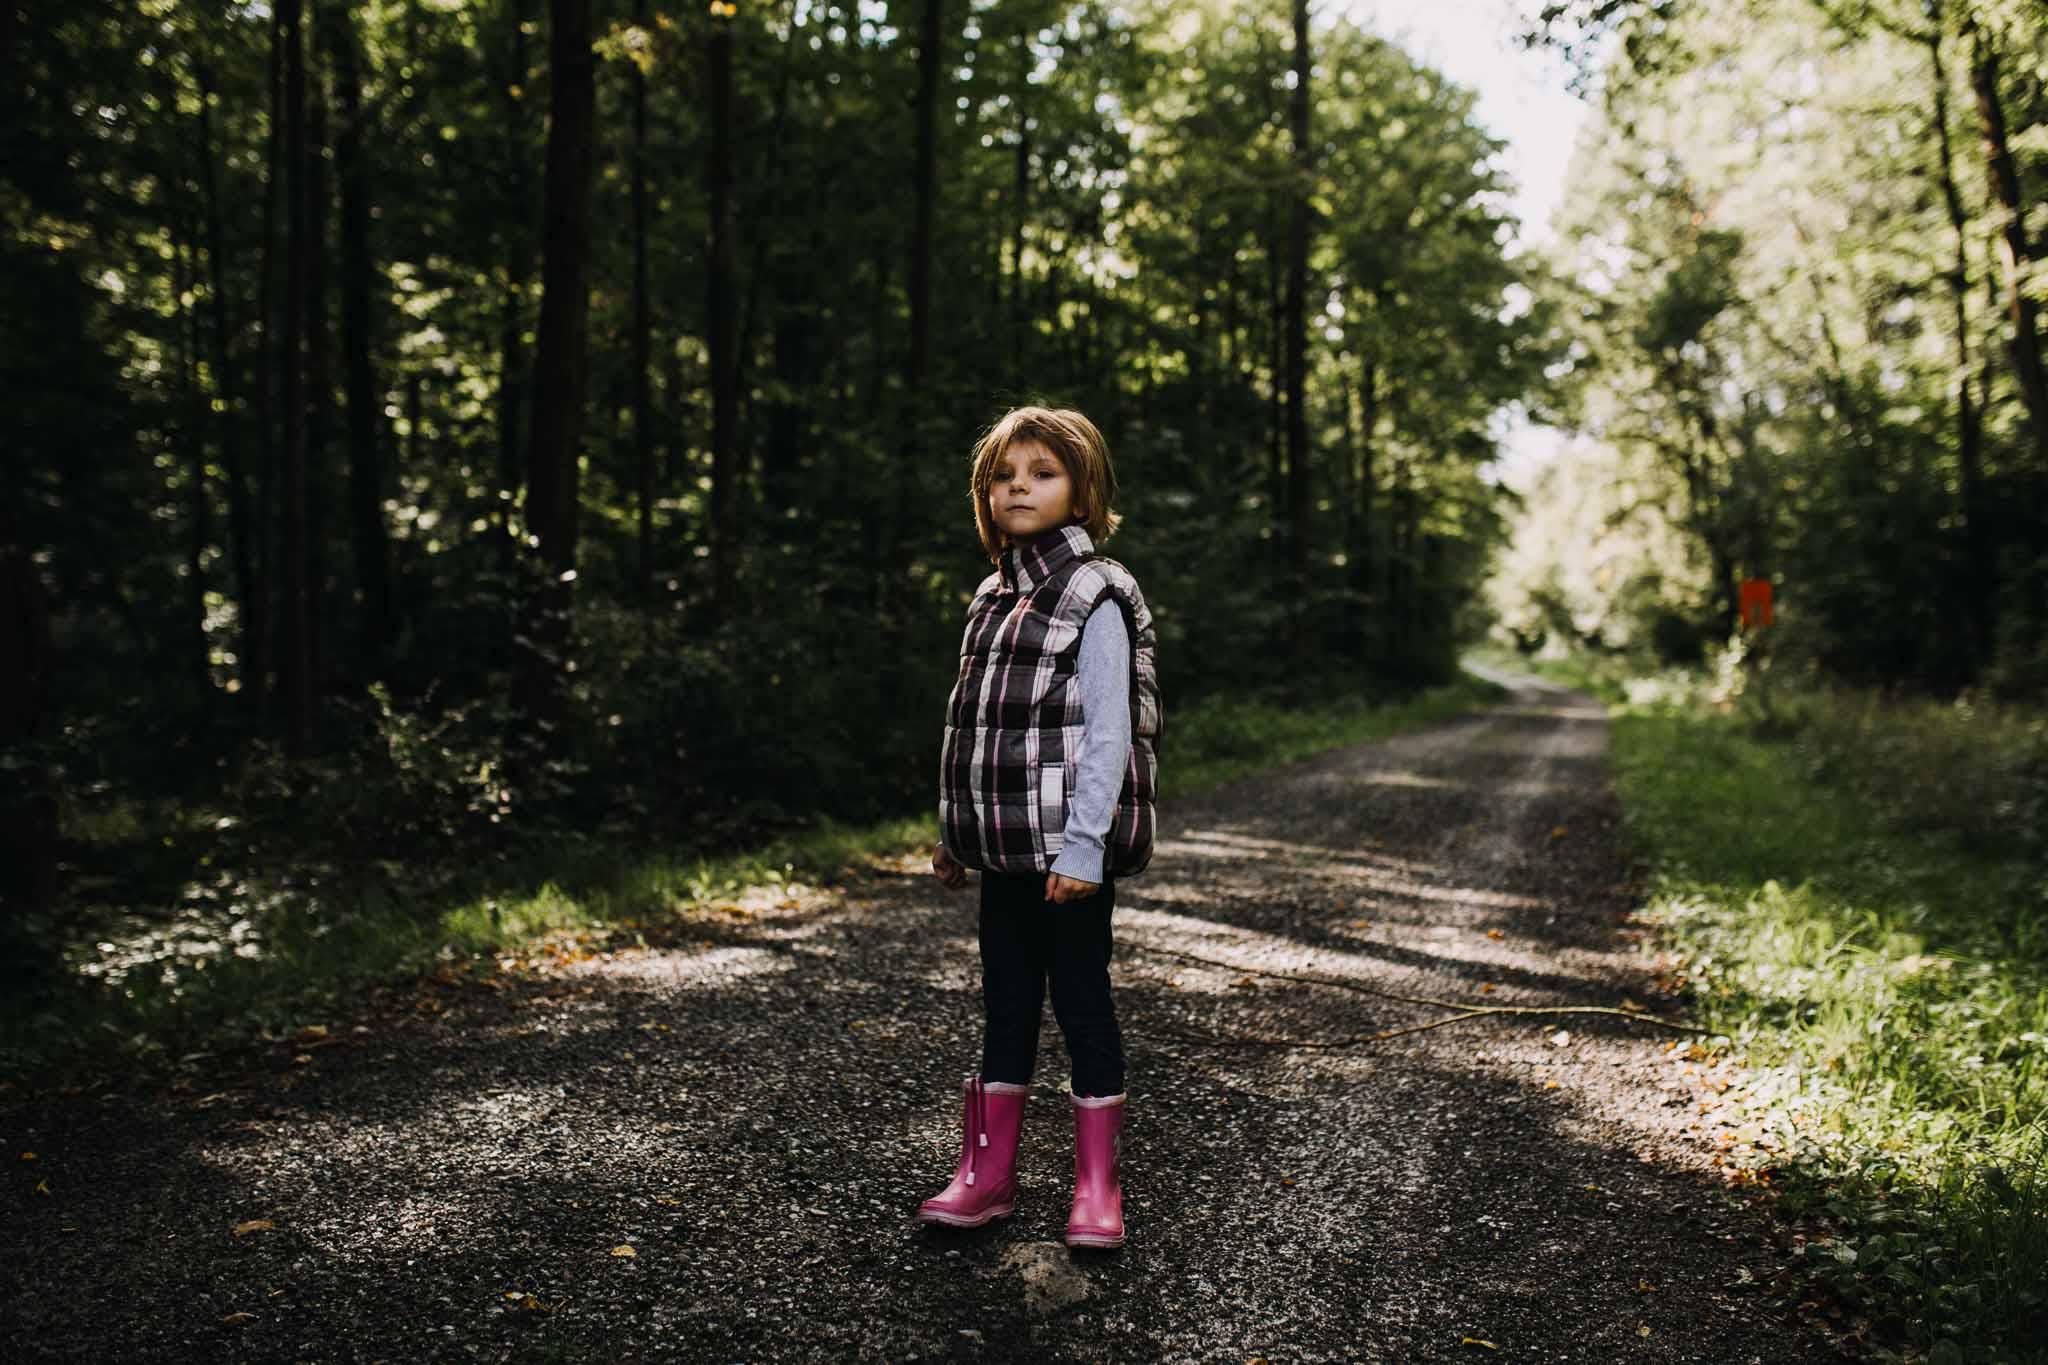 Mädchen steht im Wald